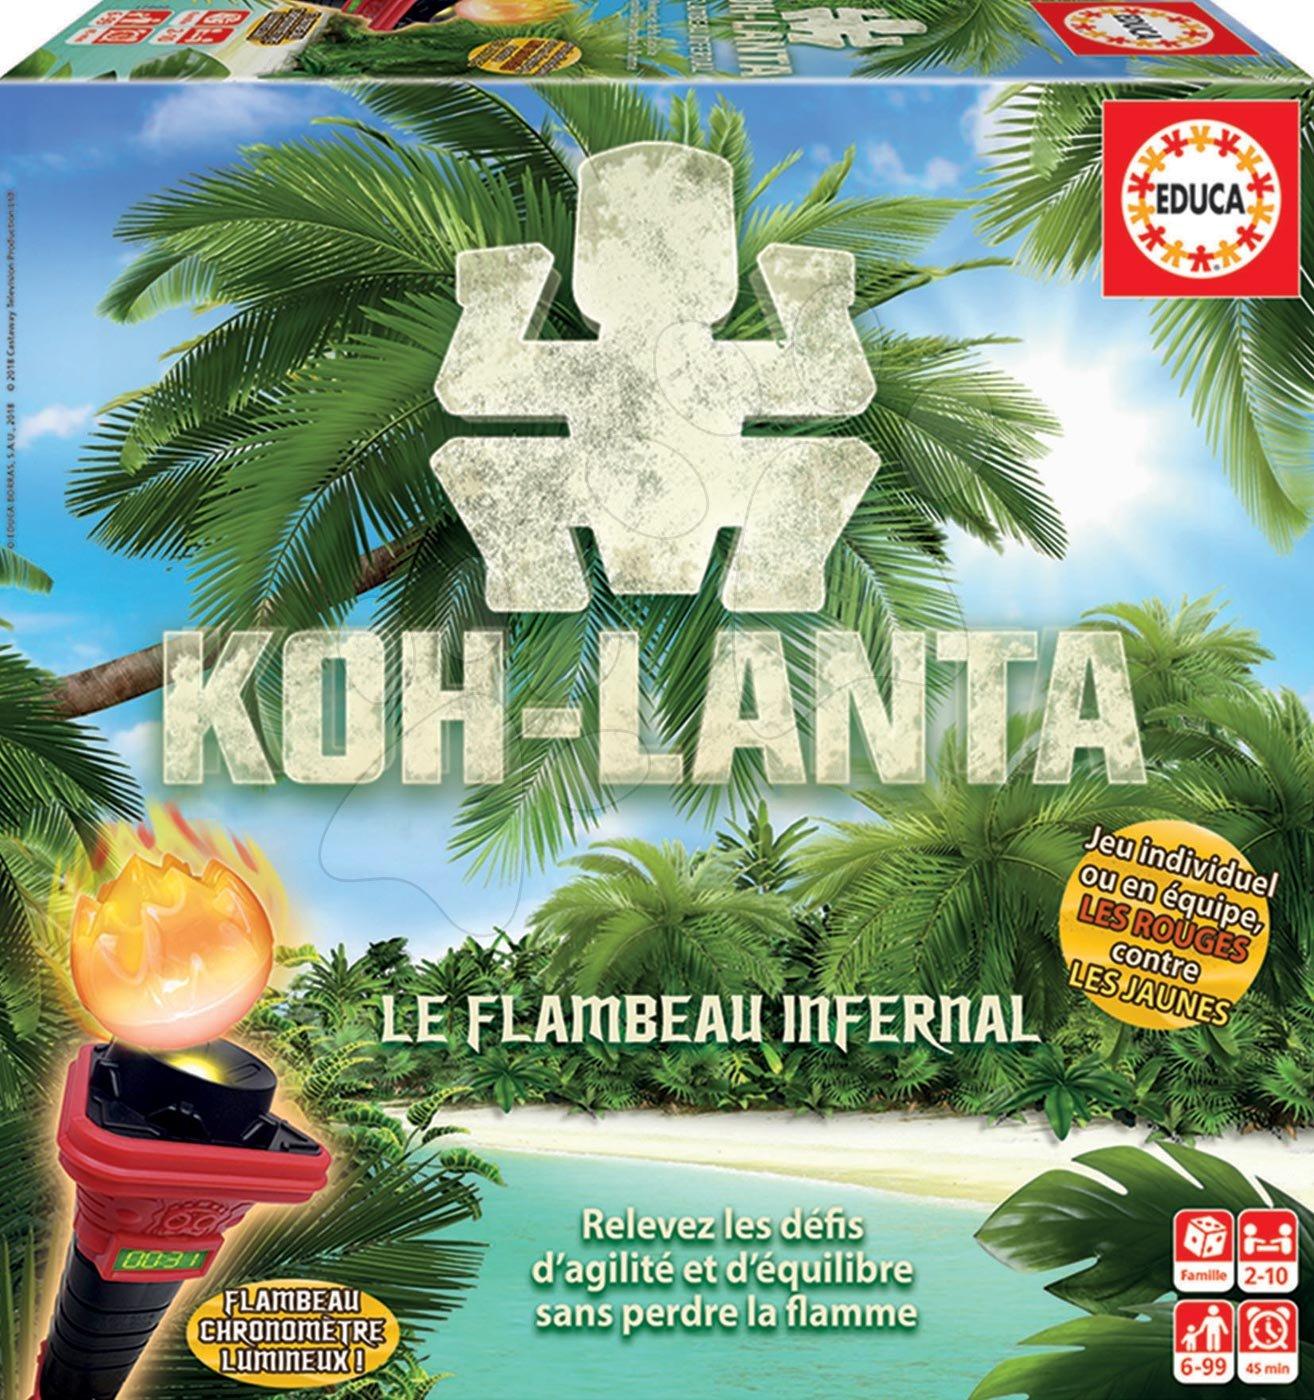 Spoločenská hra Koh Lanta Thajský tajomný ostrov Educa od 2-4 hráčov po francúzsky od 6-99 rokov